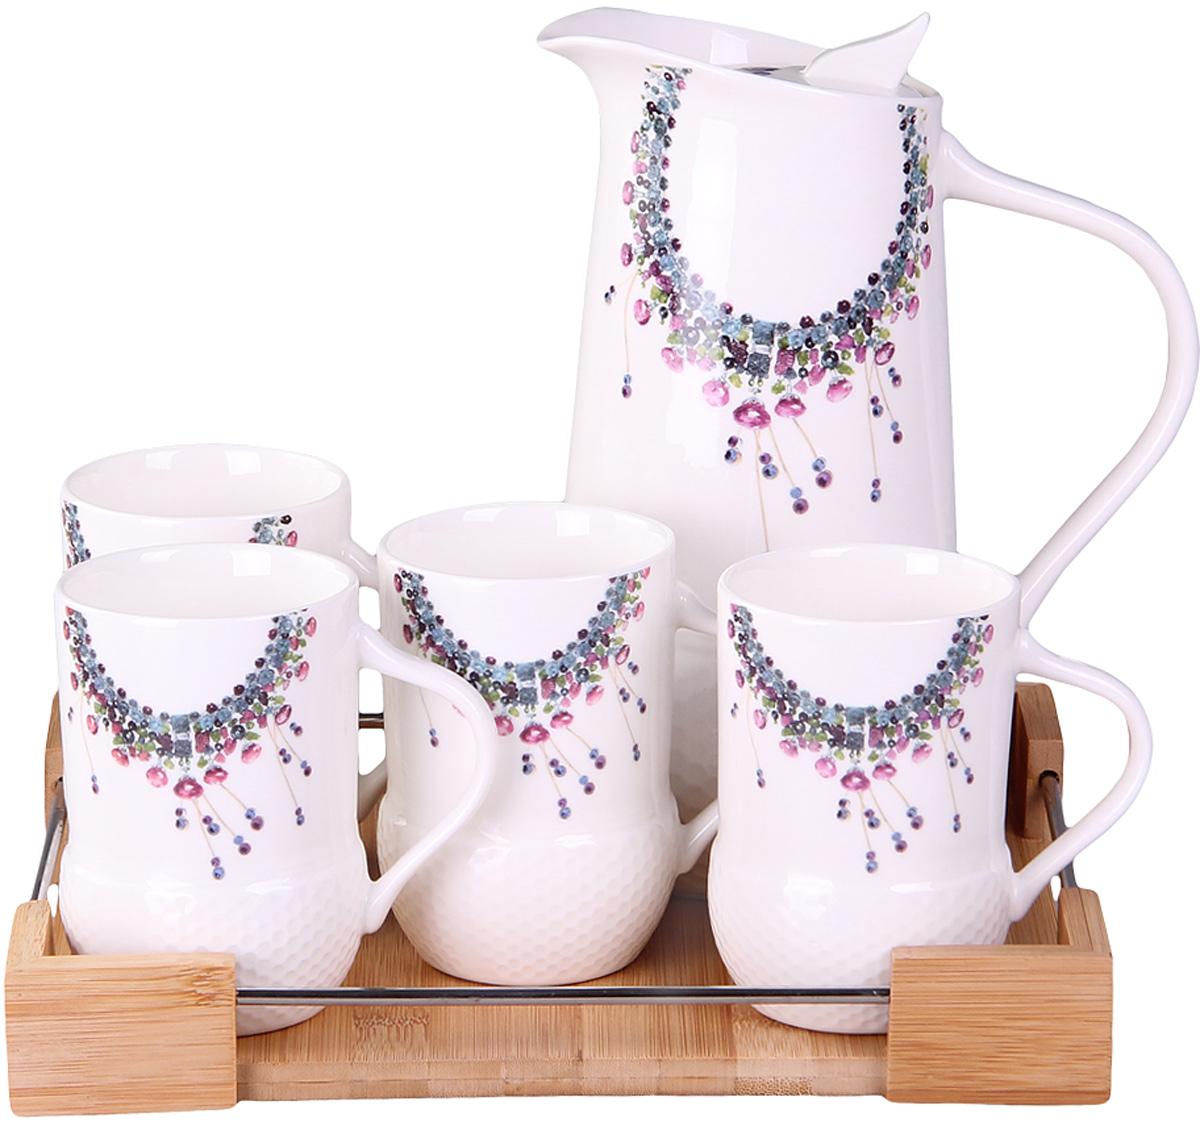 Чайный сервиз Patricia, 6 предметов. IM99-5256IM99-5256Этот набор идеален для сервировки завтрака. Все элементы набора изготовлены из керамики высокого качества.